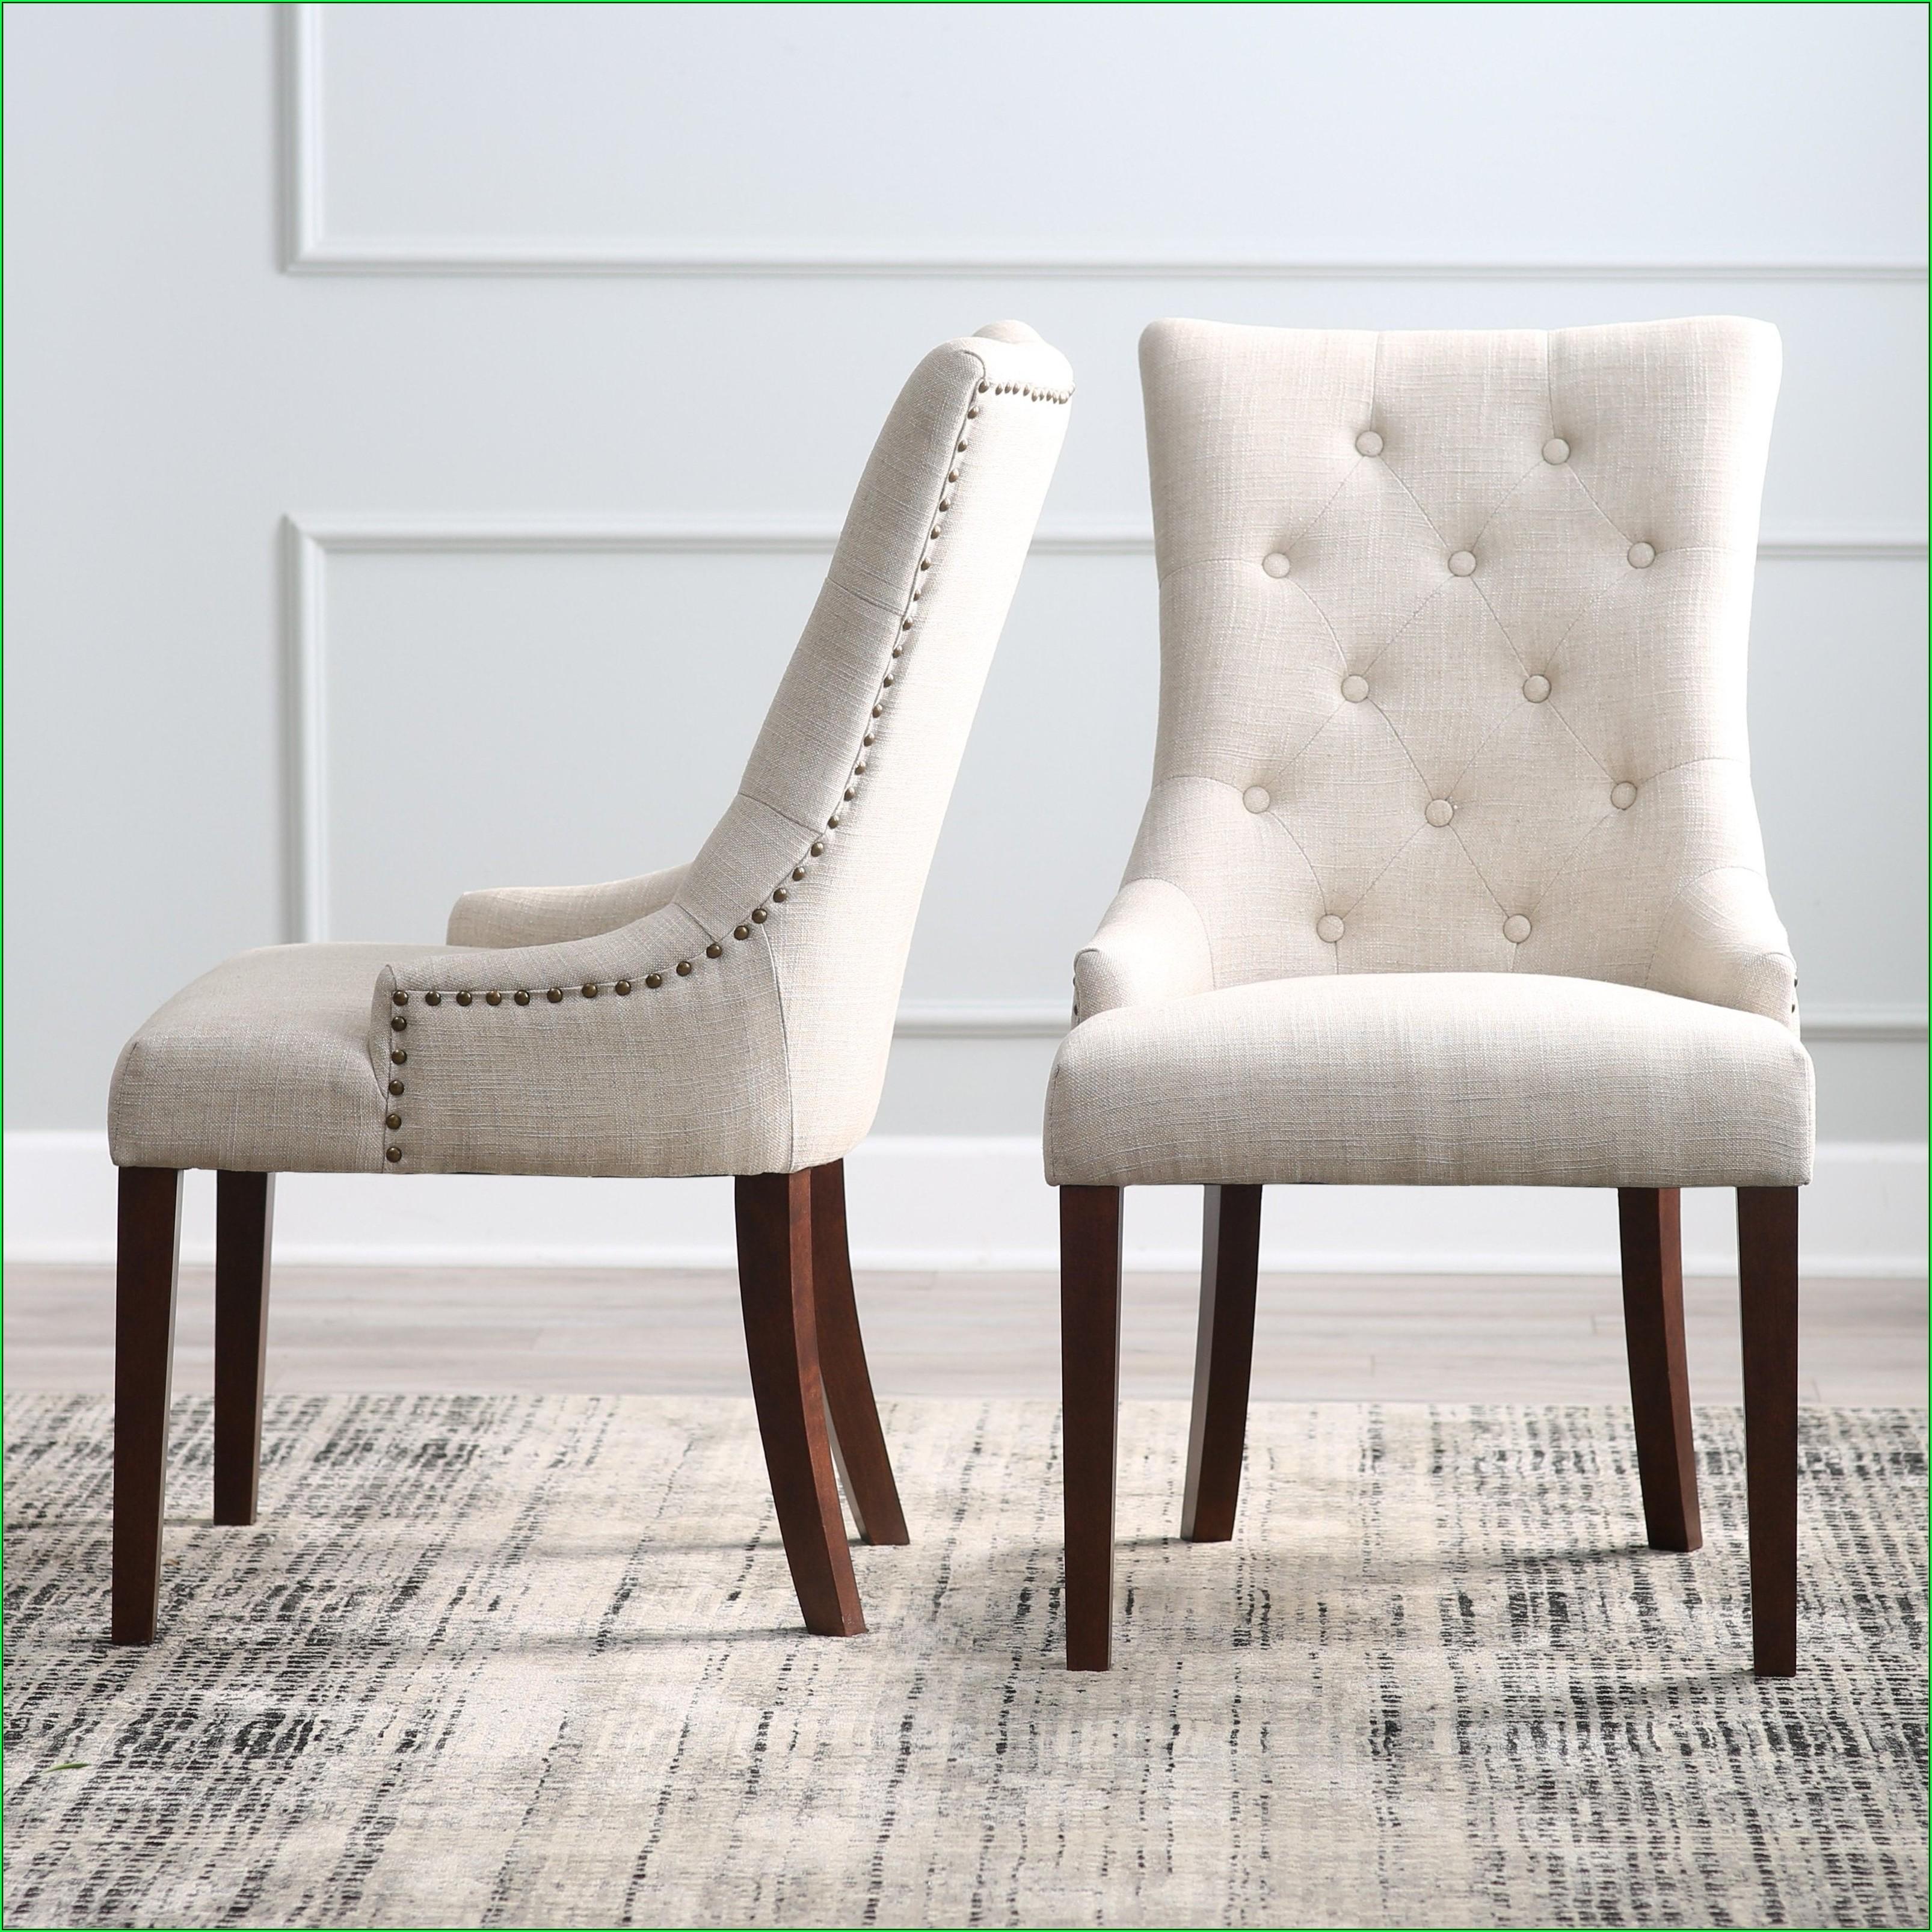 Esszimmer Stühle Mit Chromgestell